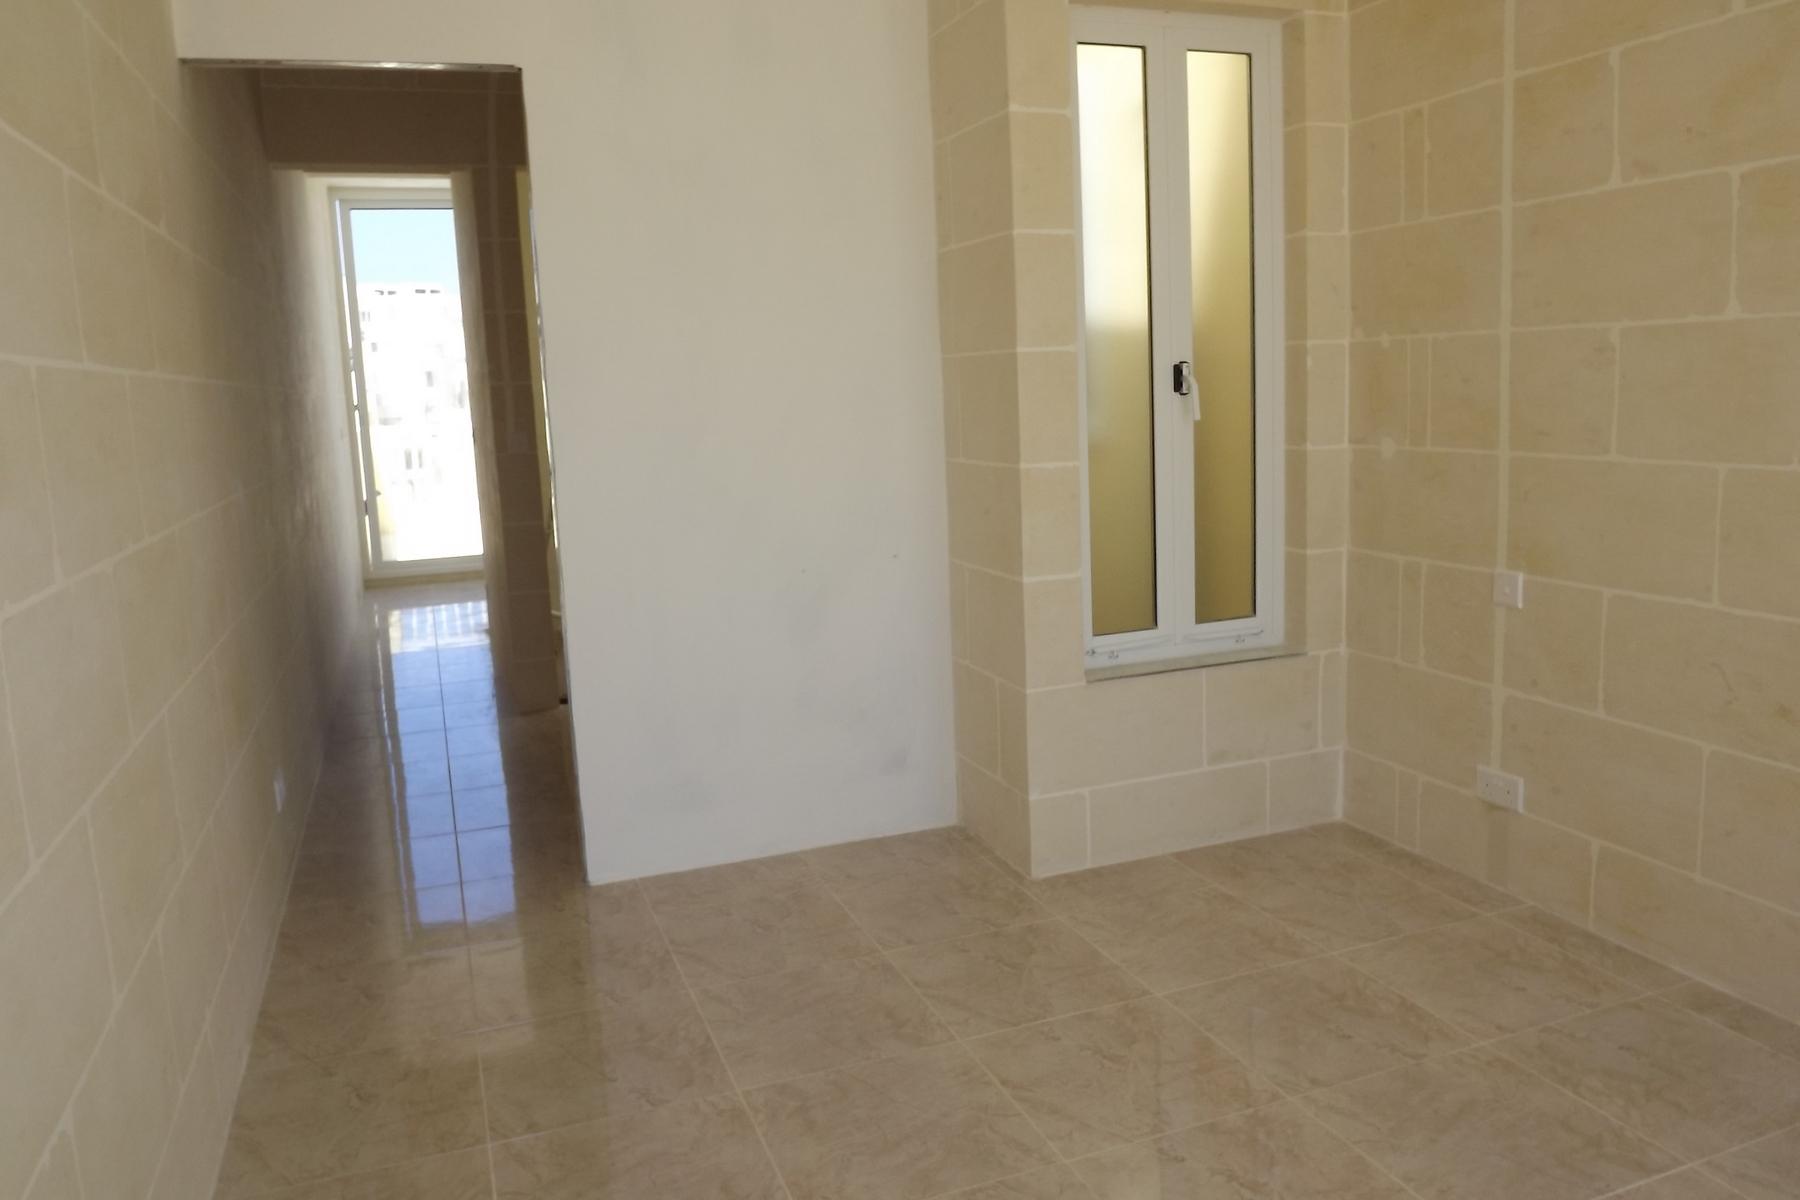 Condominium for Sale at Block of Apartments Marsalforn, Malta